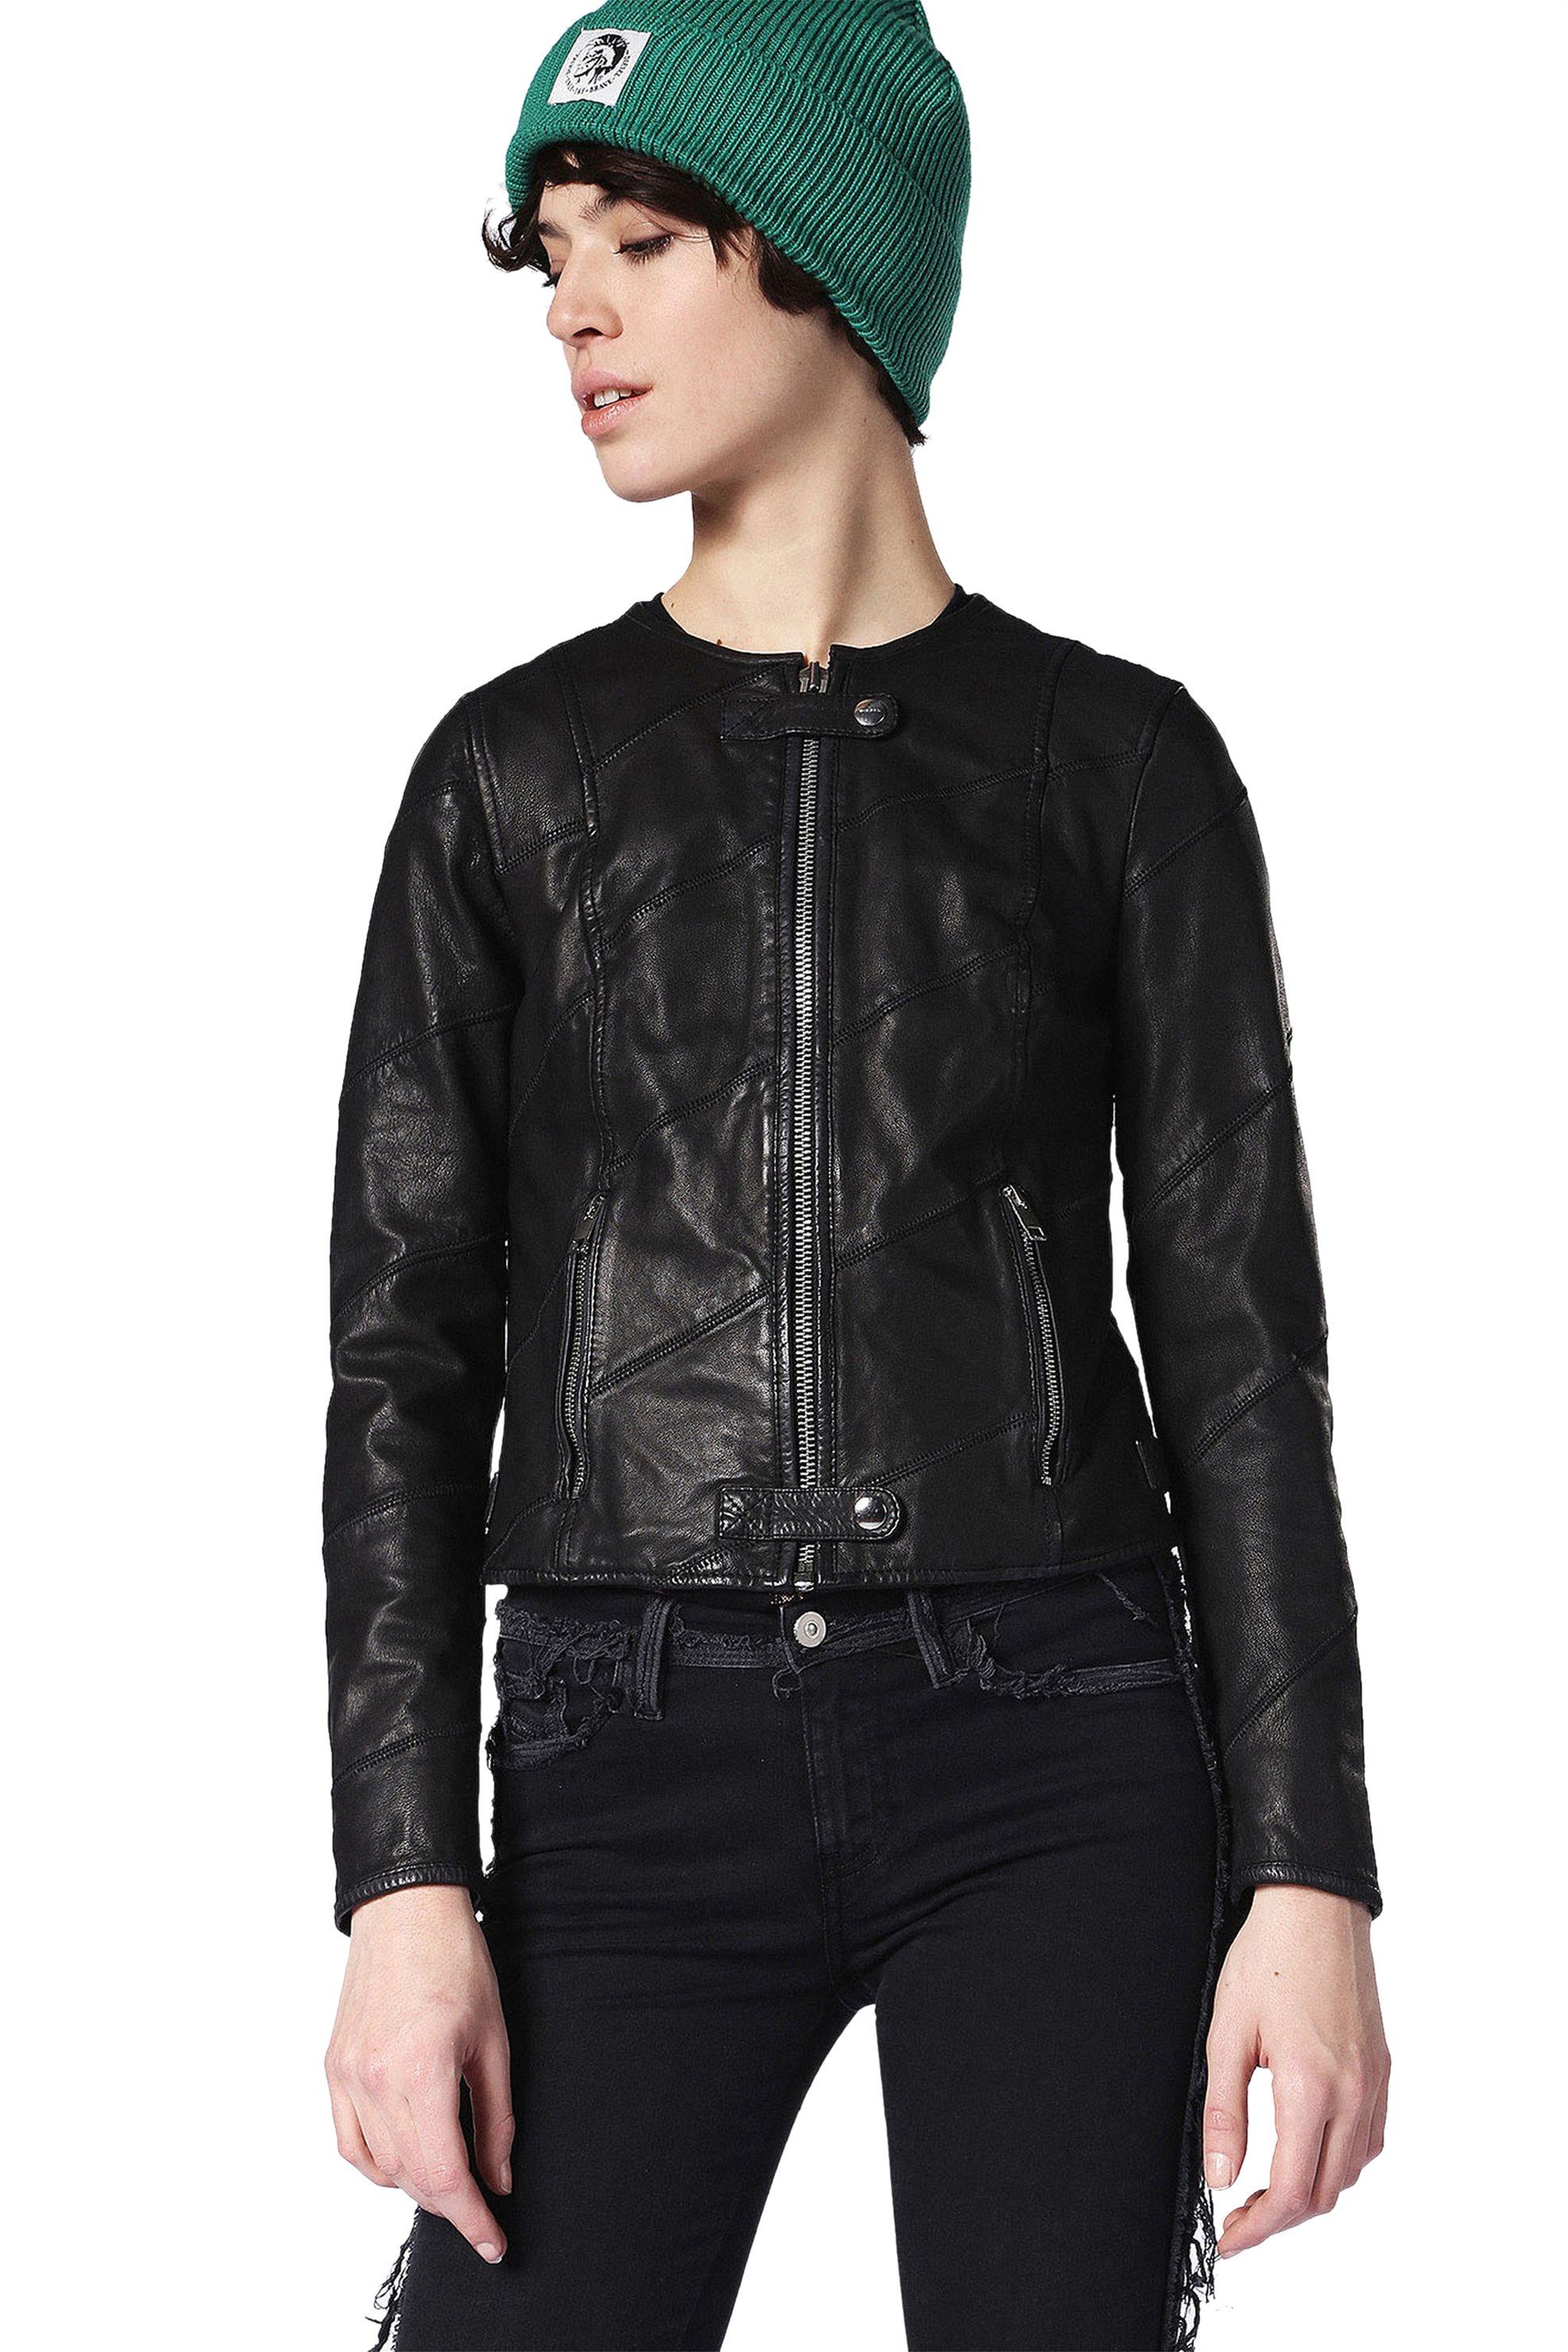 Γυναικείο jacket Diesel - 00S9NS 0CAQT - Μαύρο γυναικα   ρουχα   πανωφόρια   μπουφάν   σακάκια   δερμάτινα   faux δέρμα   biker